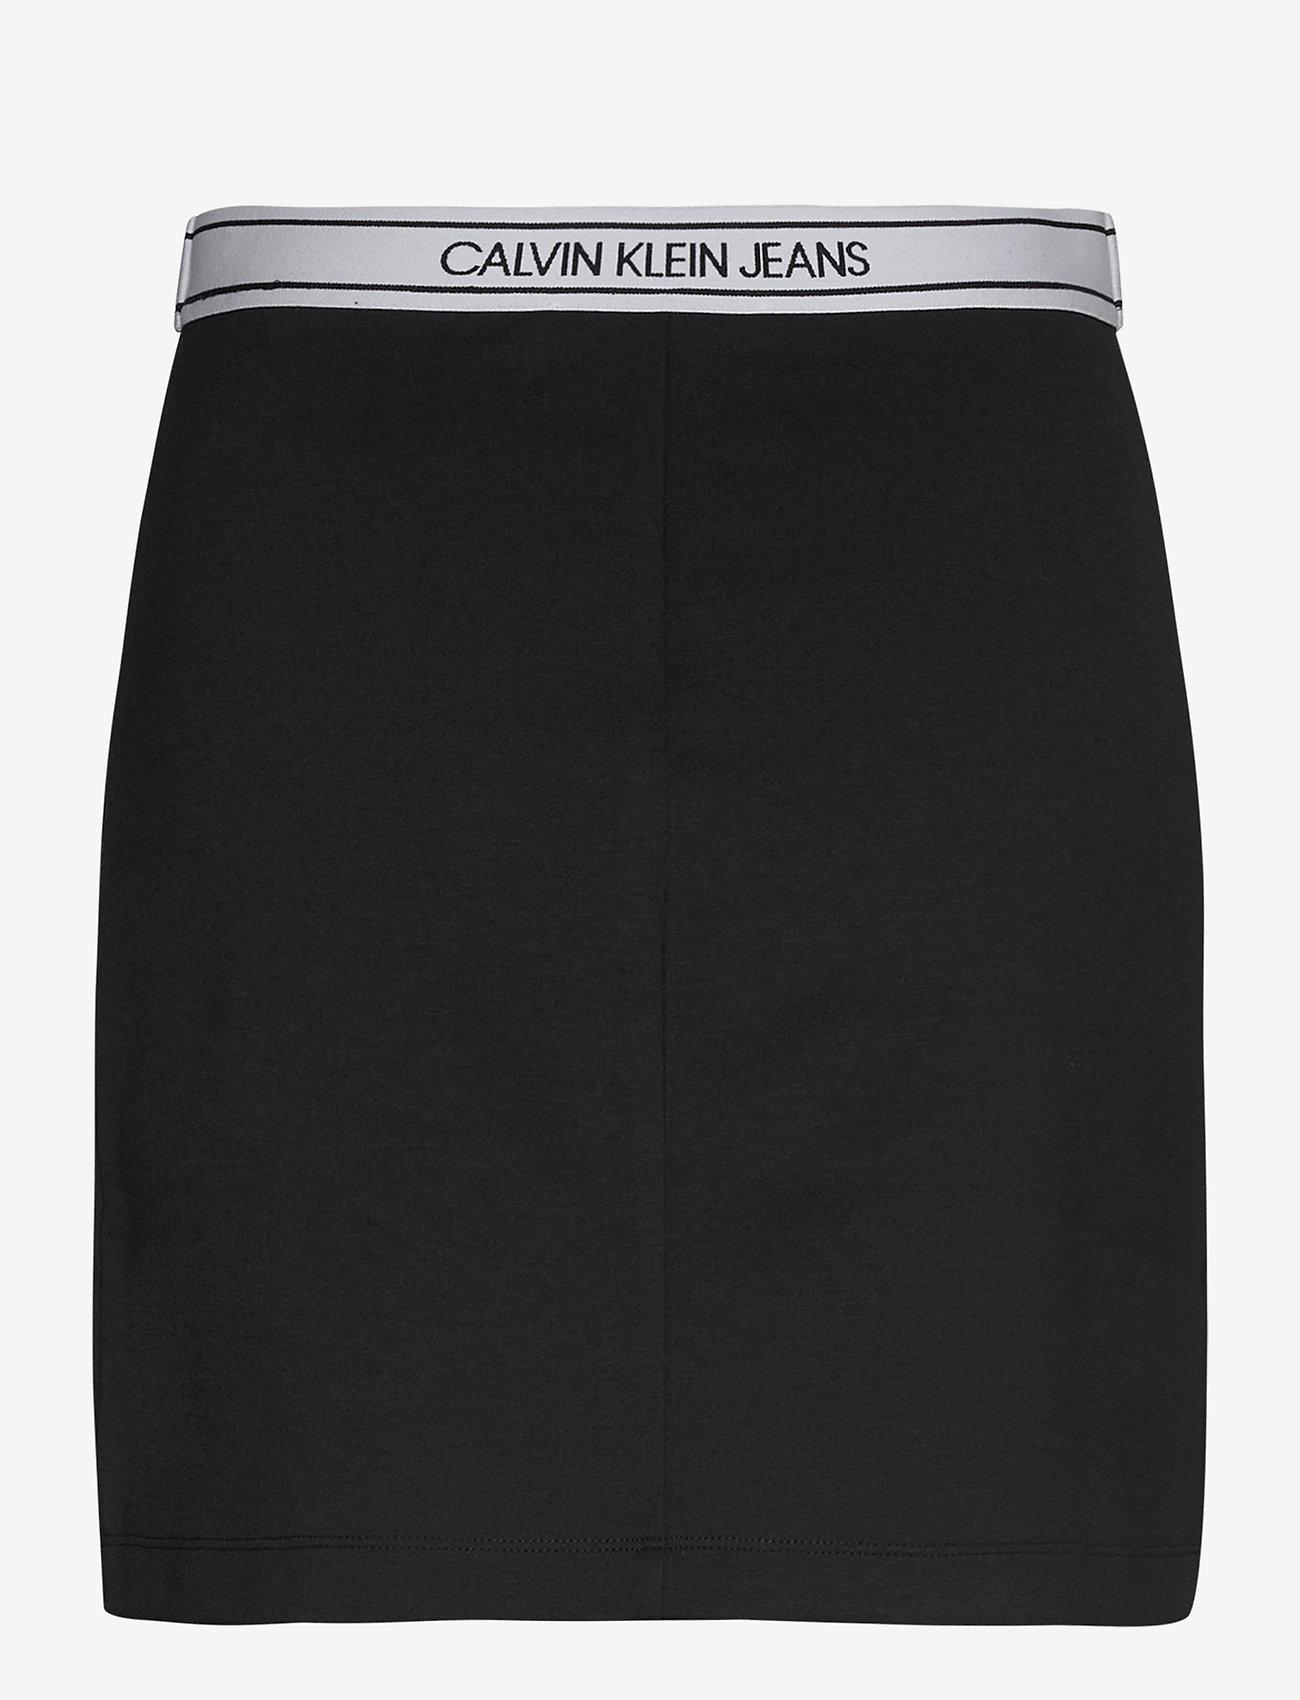 Calvin Klein Jeans - LOGO ELASTIC MILANO MINI SKIRT - kort skjørt - ck black - 1